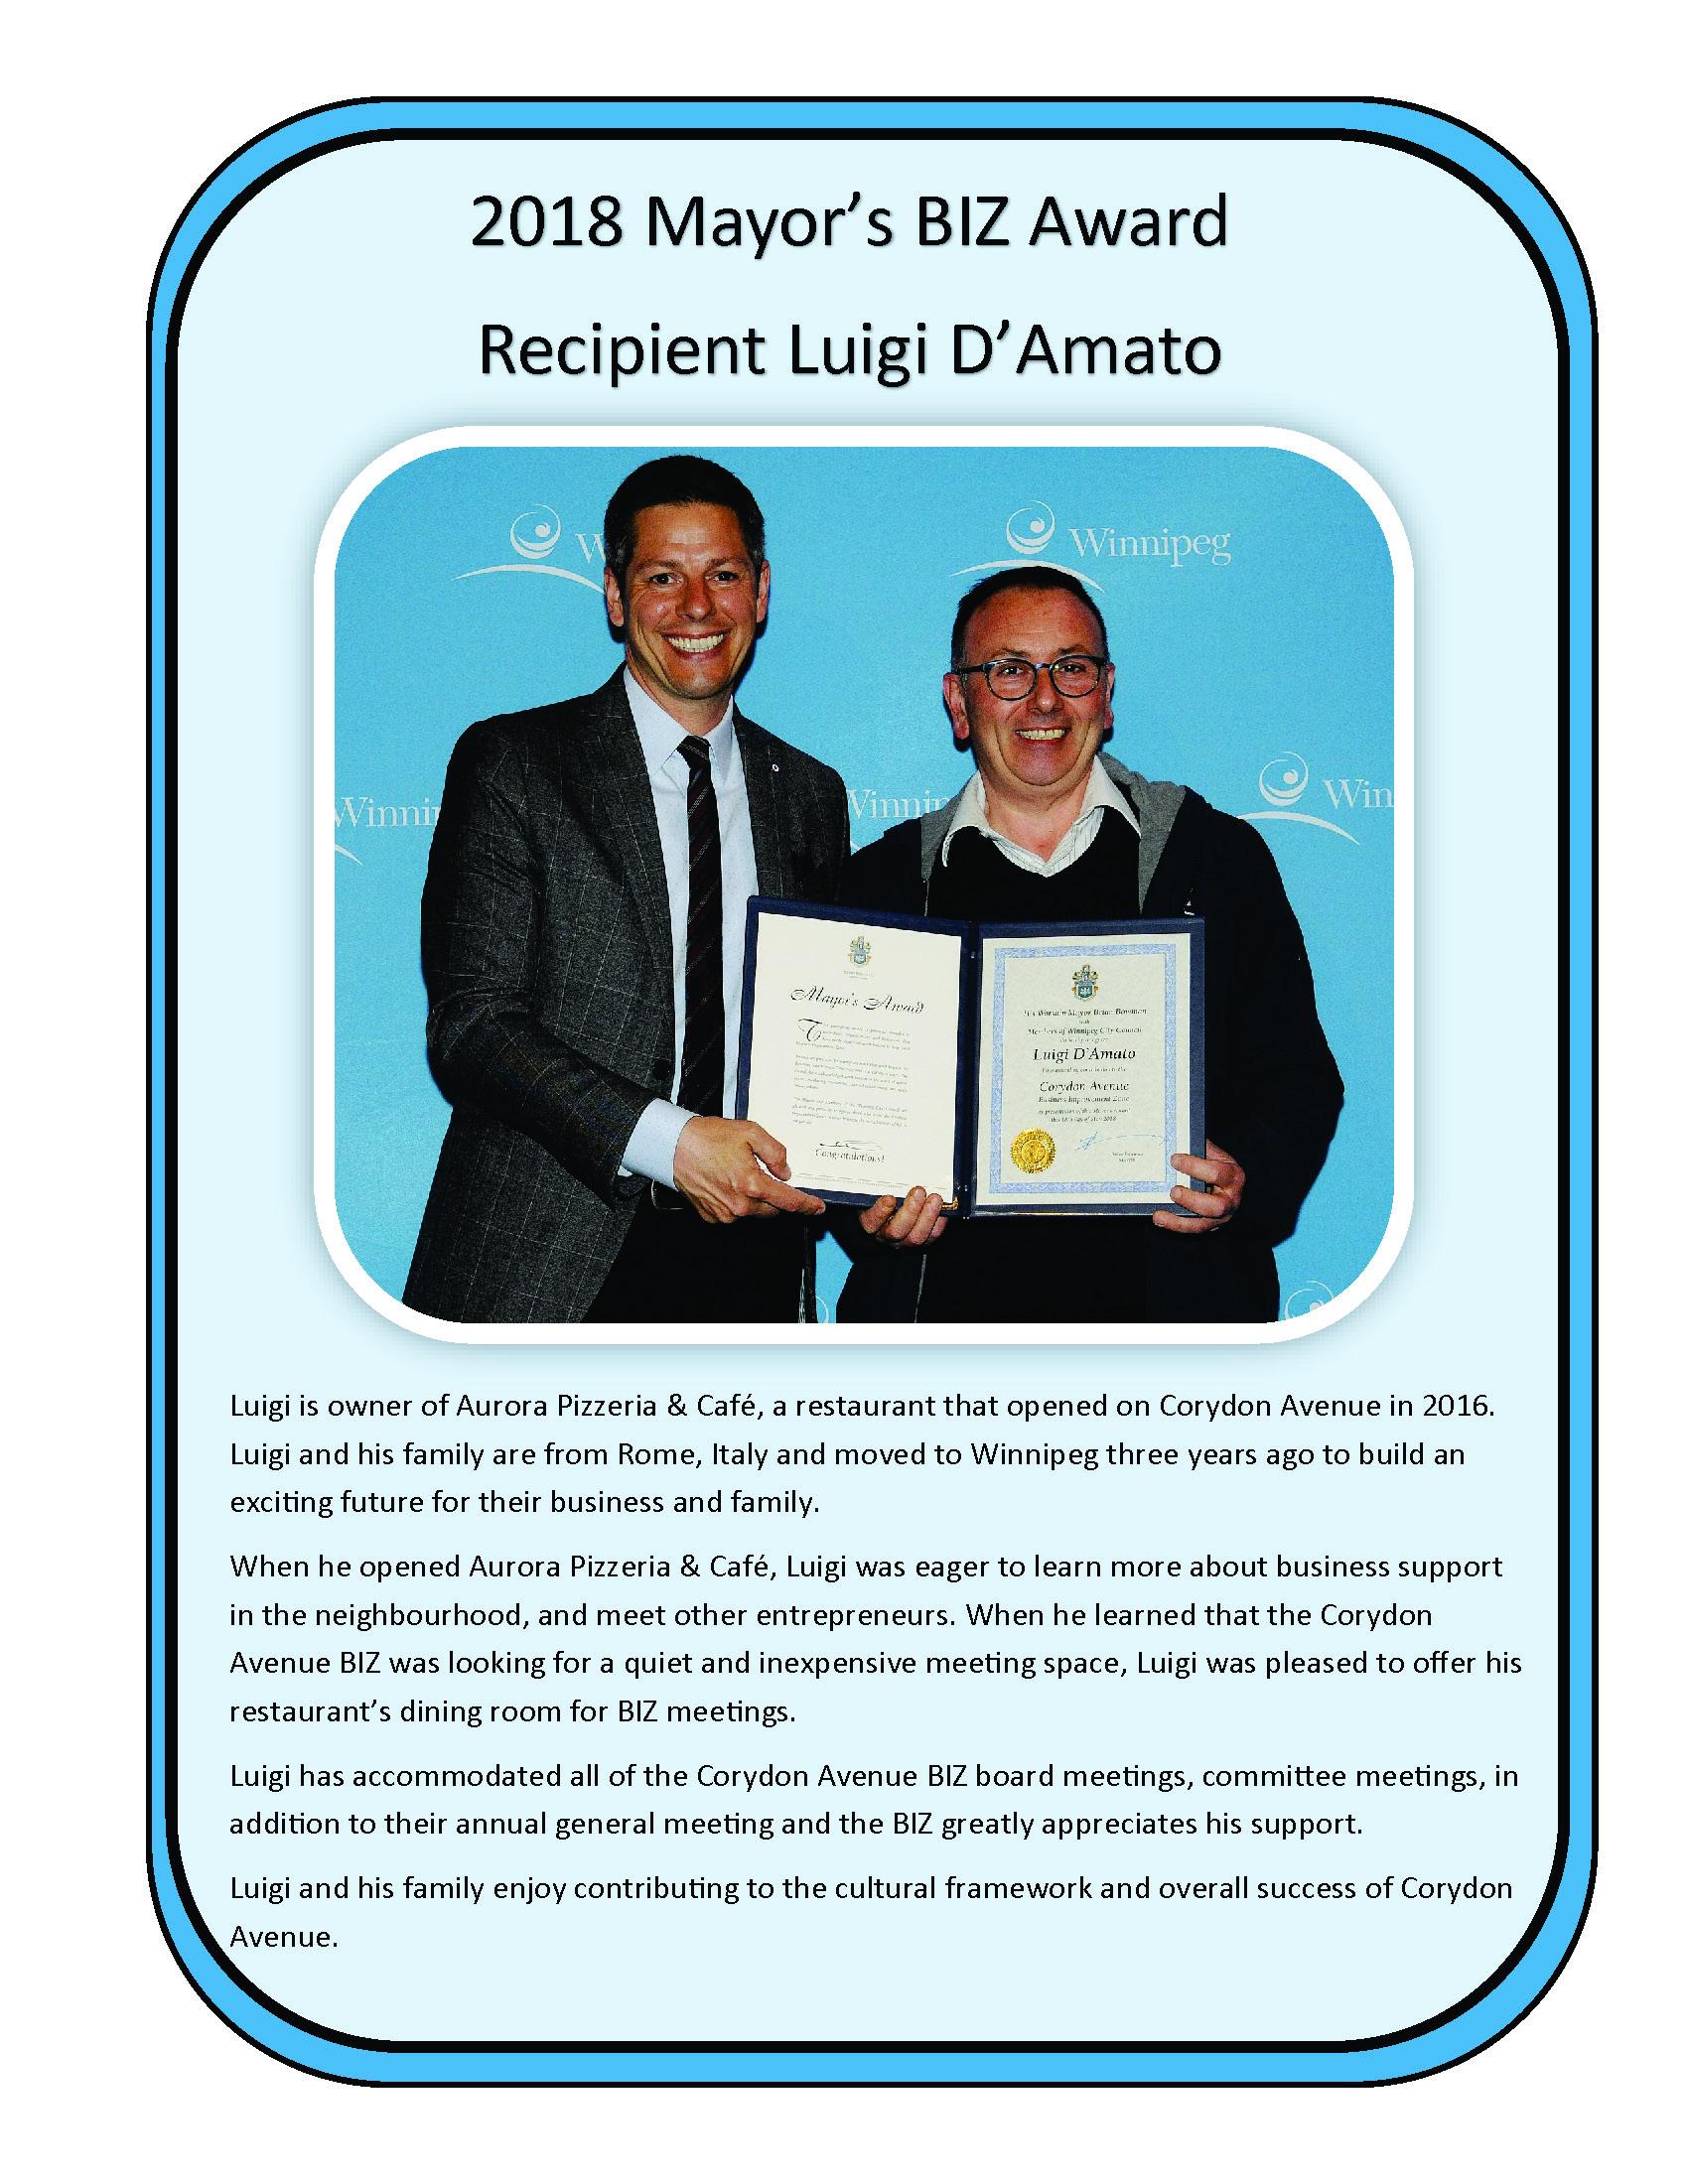 Luigi damato mayor awards 2018.jpg